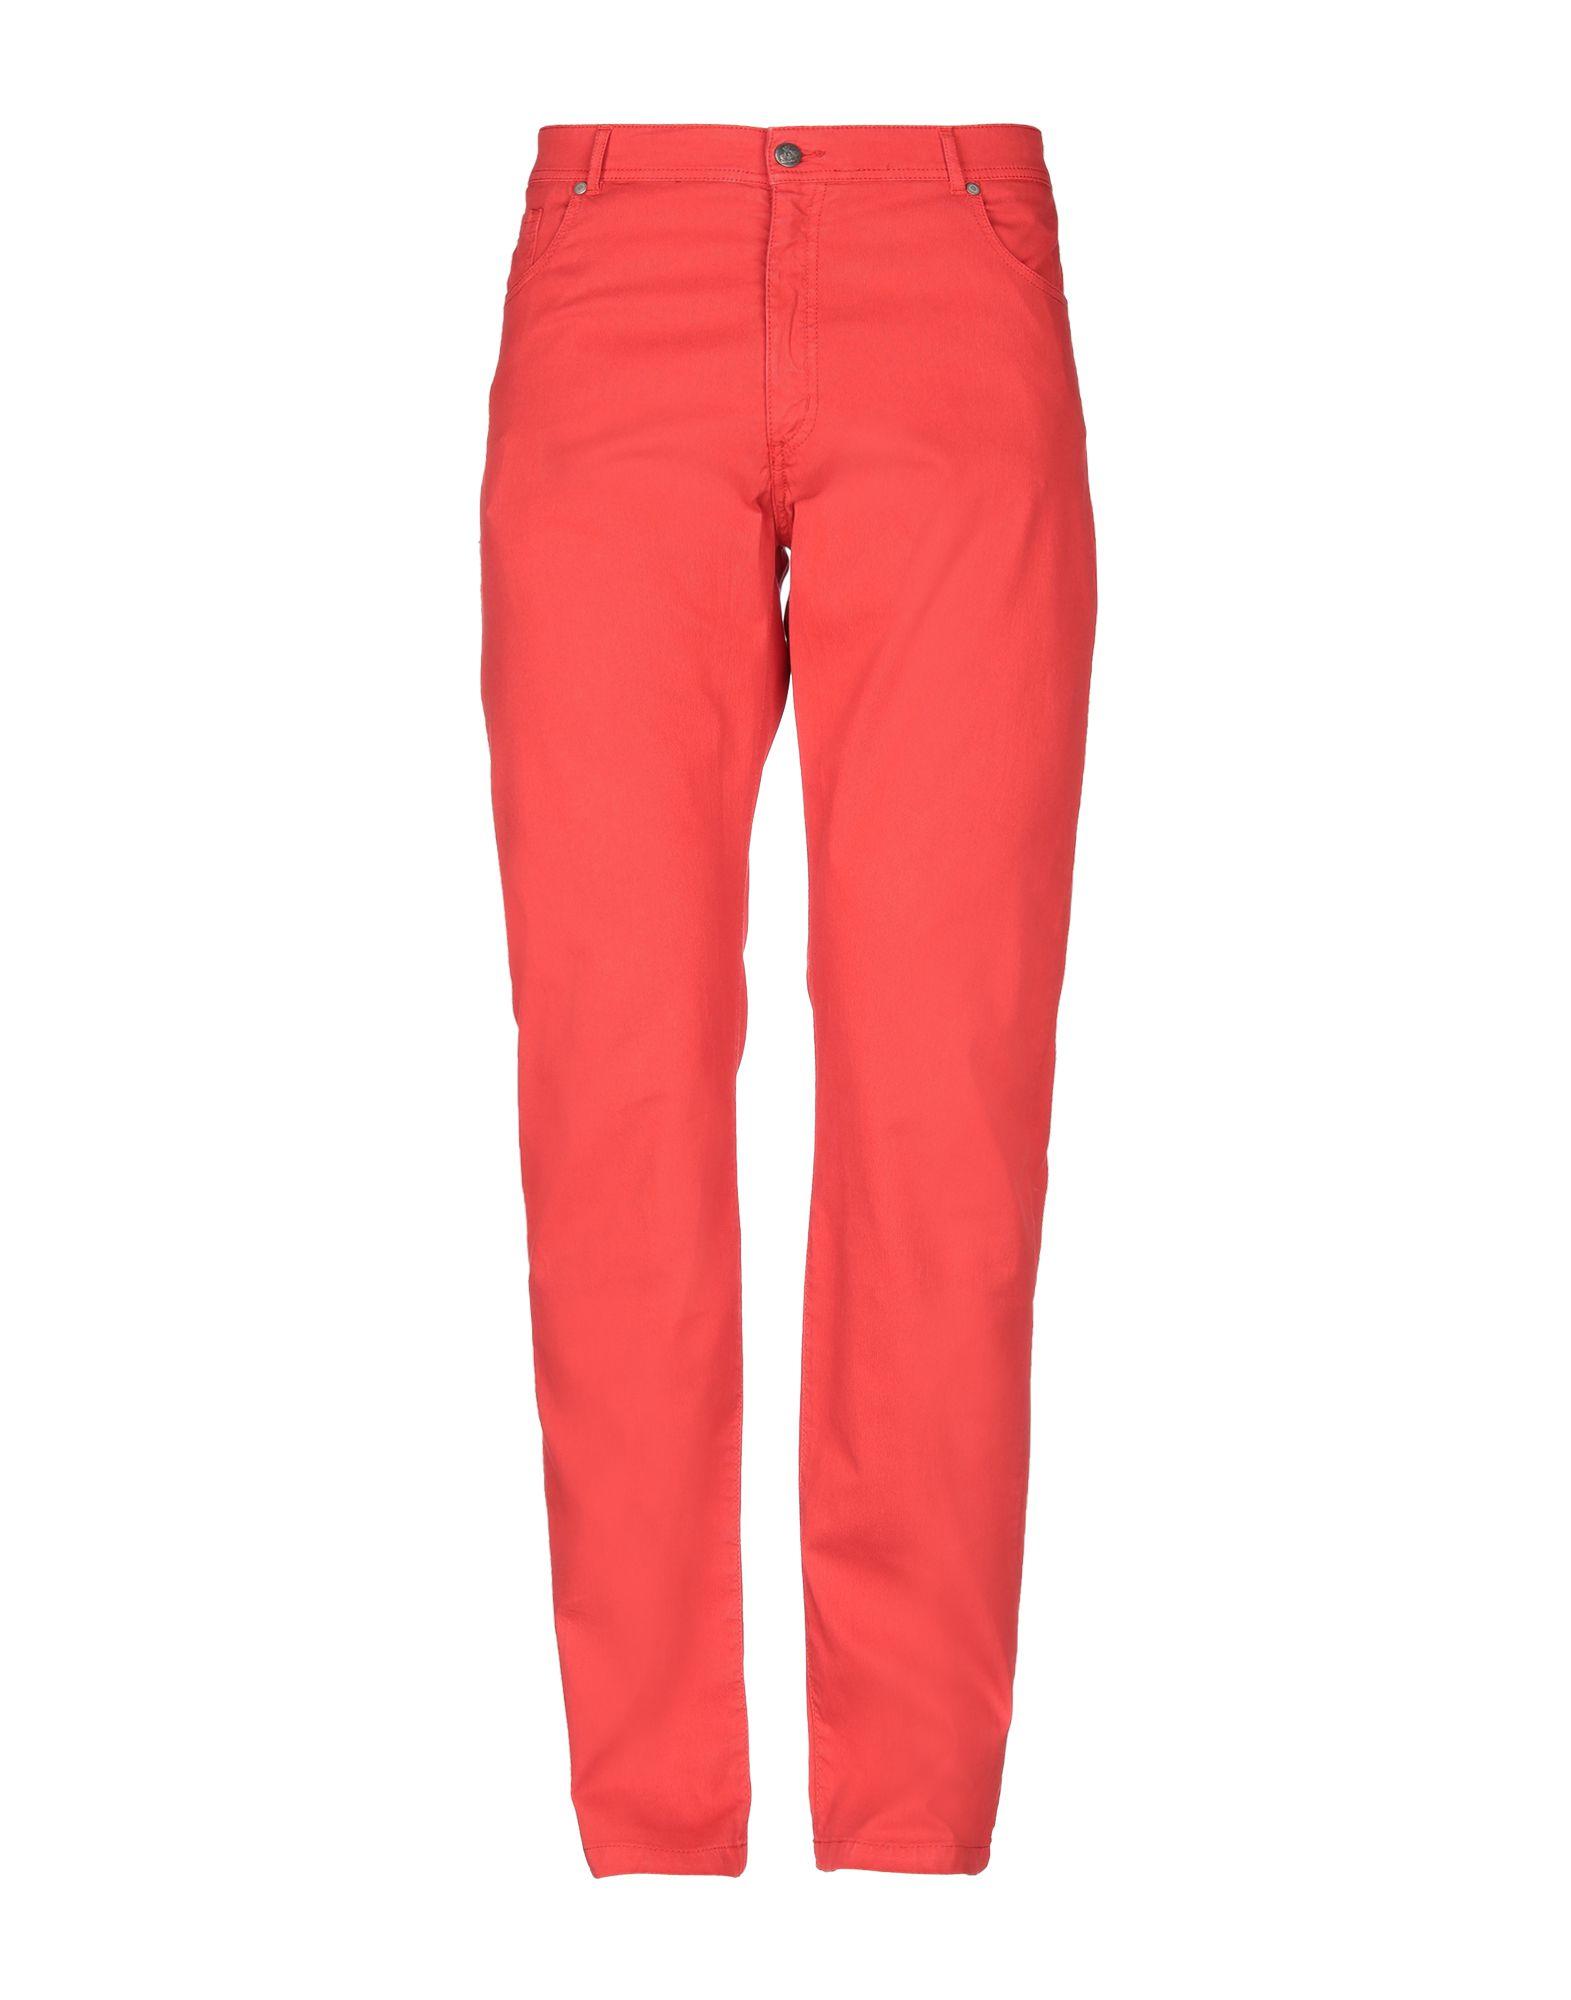 ARMATA DI MARE Повседневные брюки irfb7537 to 220